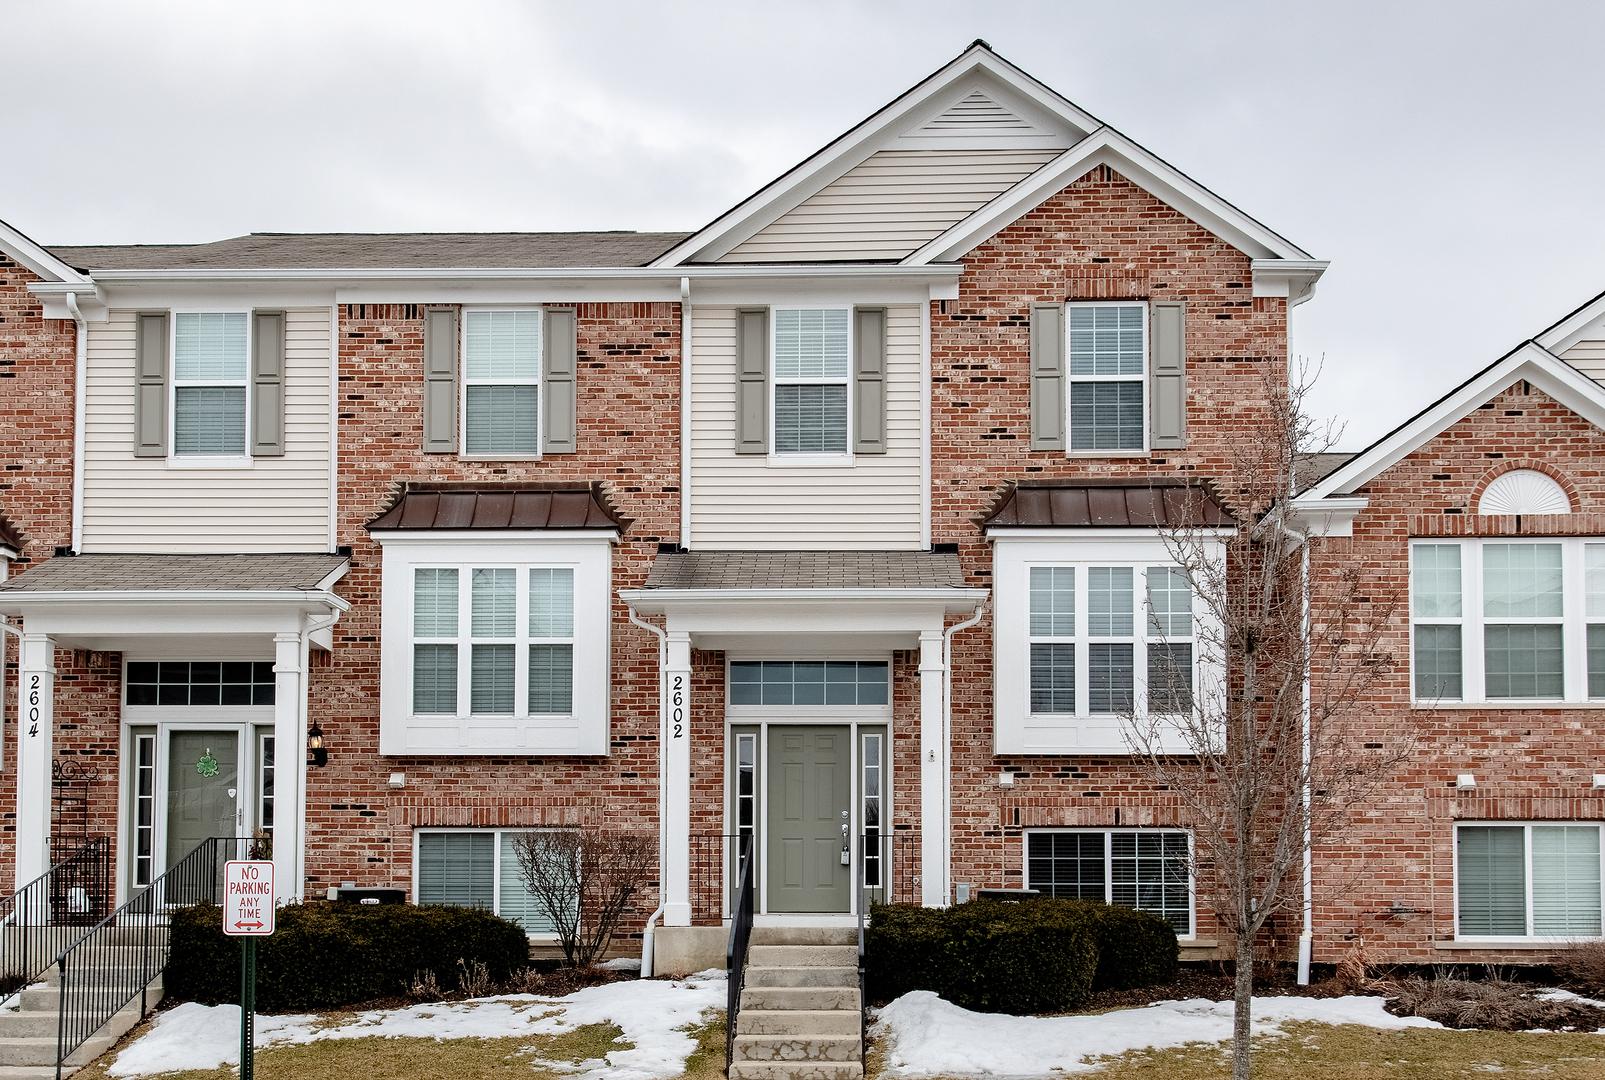 2602 Neubauer Circle, Unit 2602, Lindenhurst, Illinois 60046